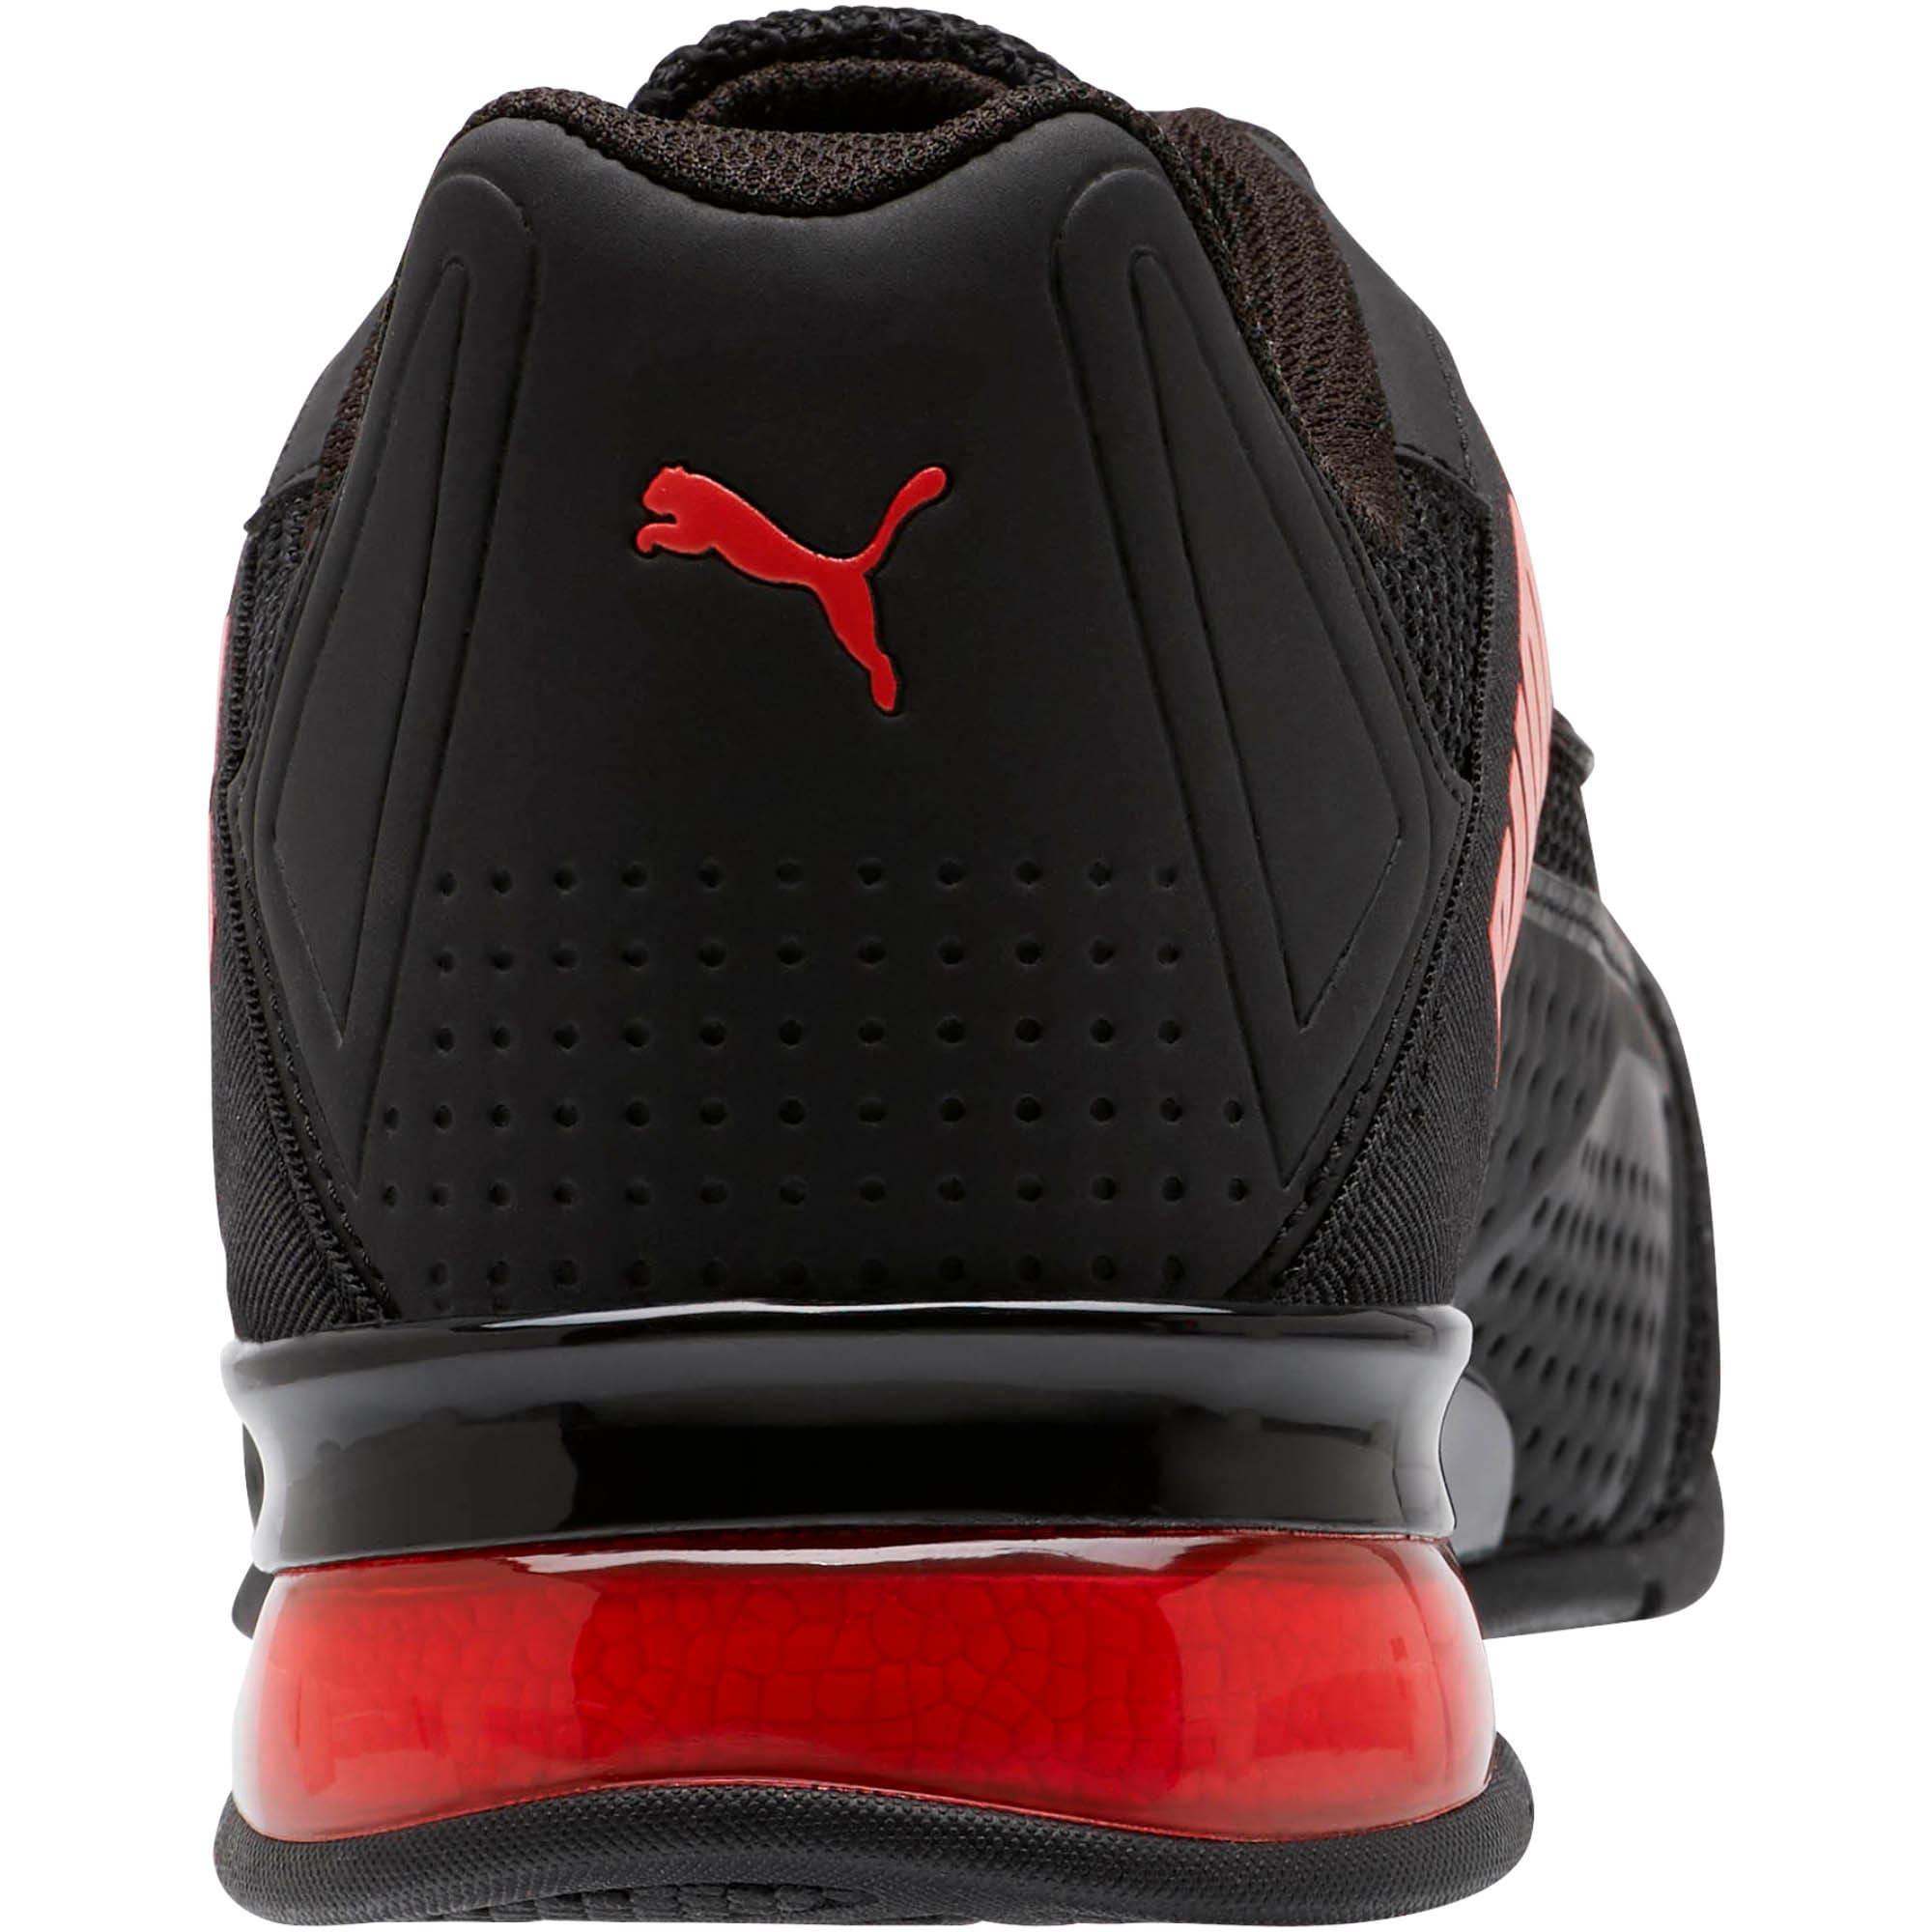 Miniatura 3 de Zapatos de entrenamiento Leader VT Bold, Puma Black-High Risk Red, mediano